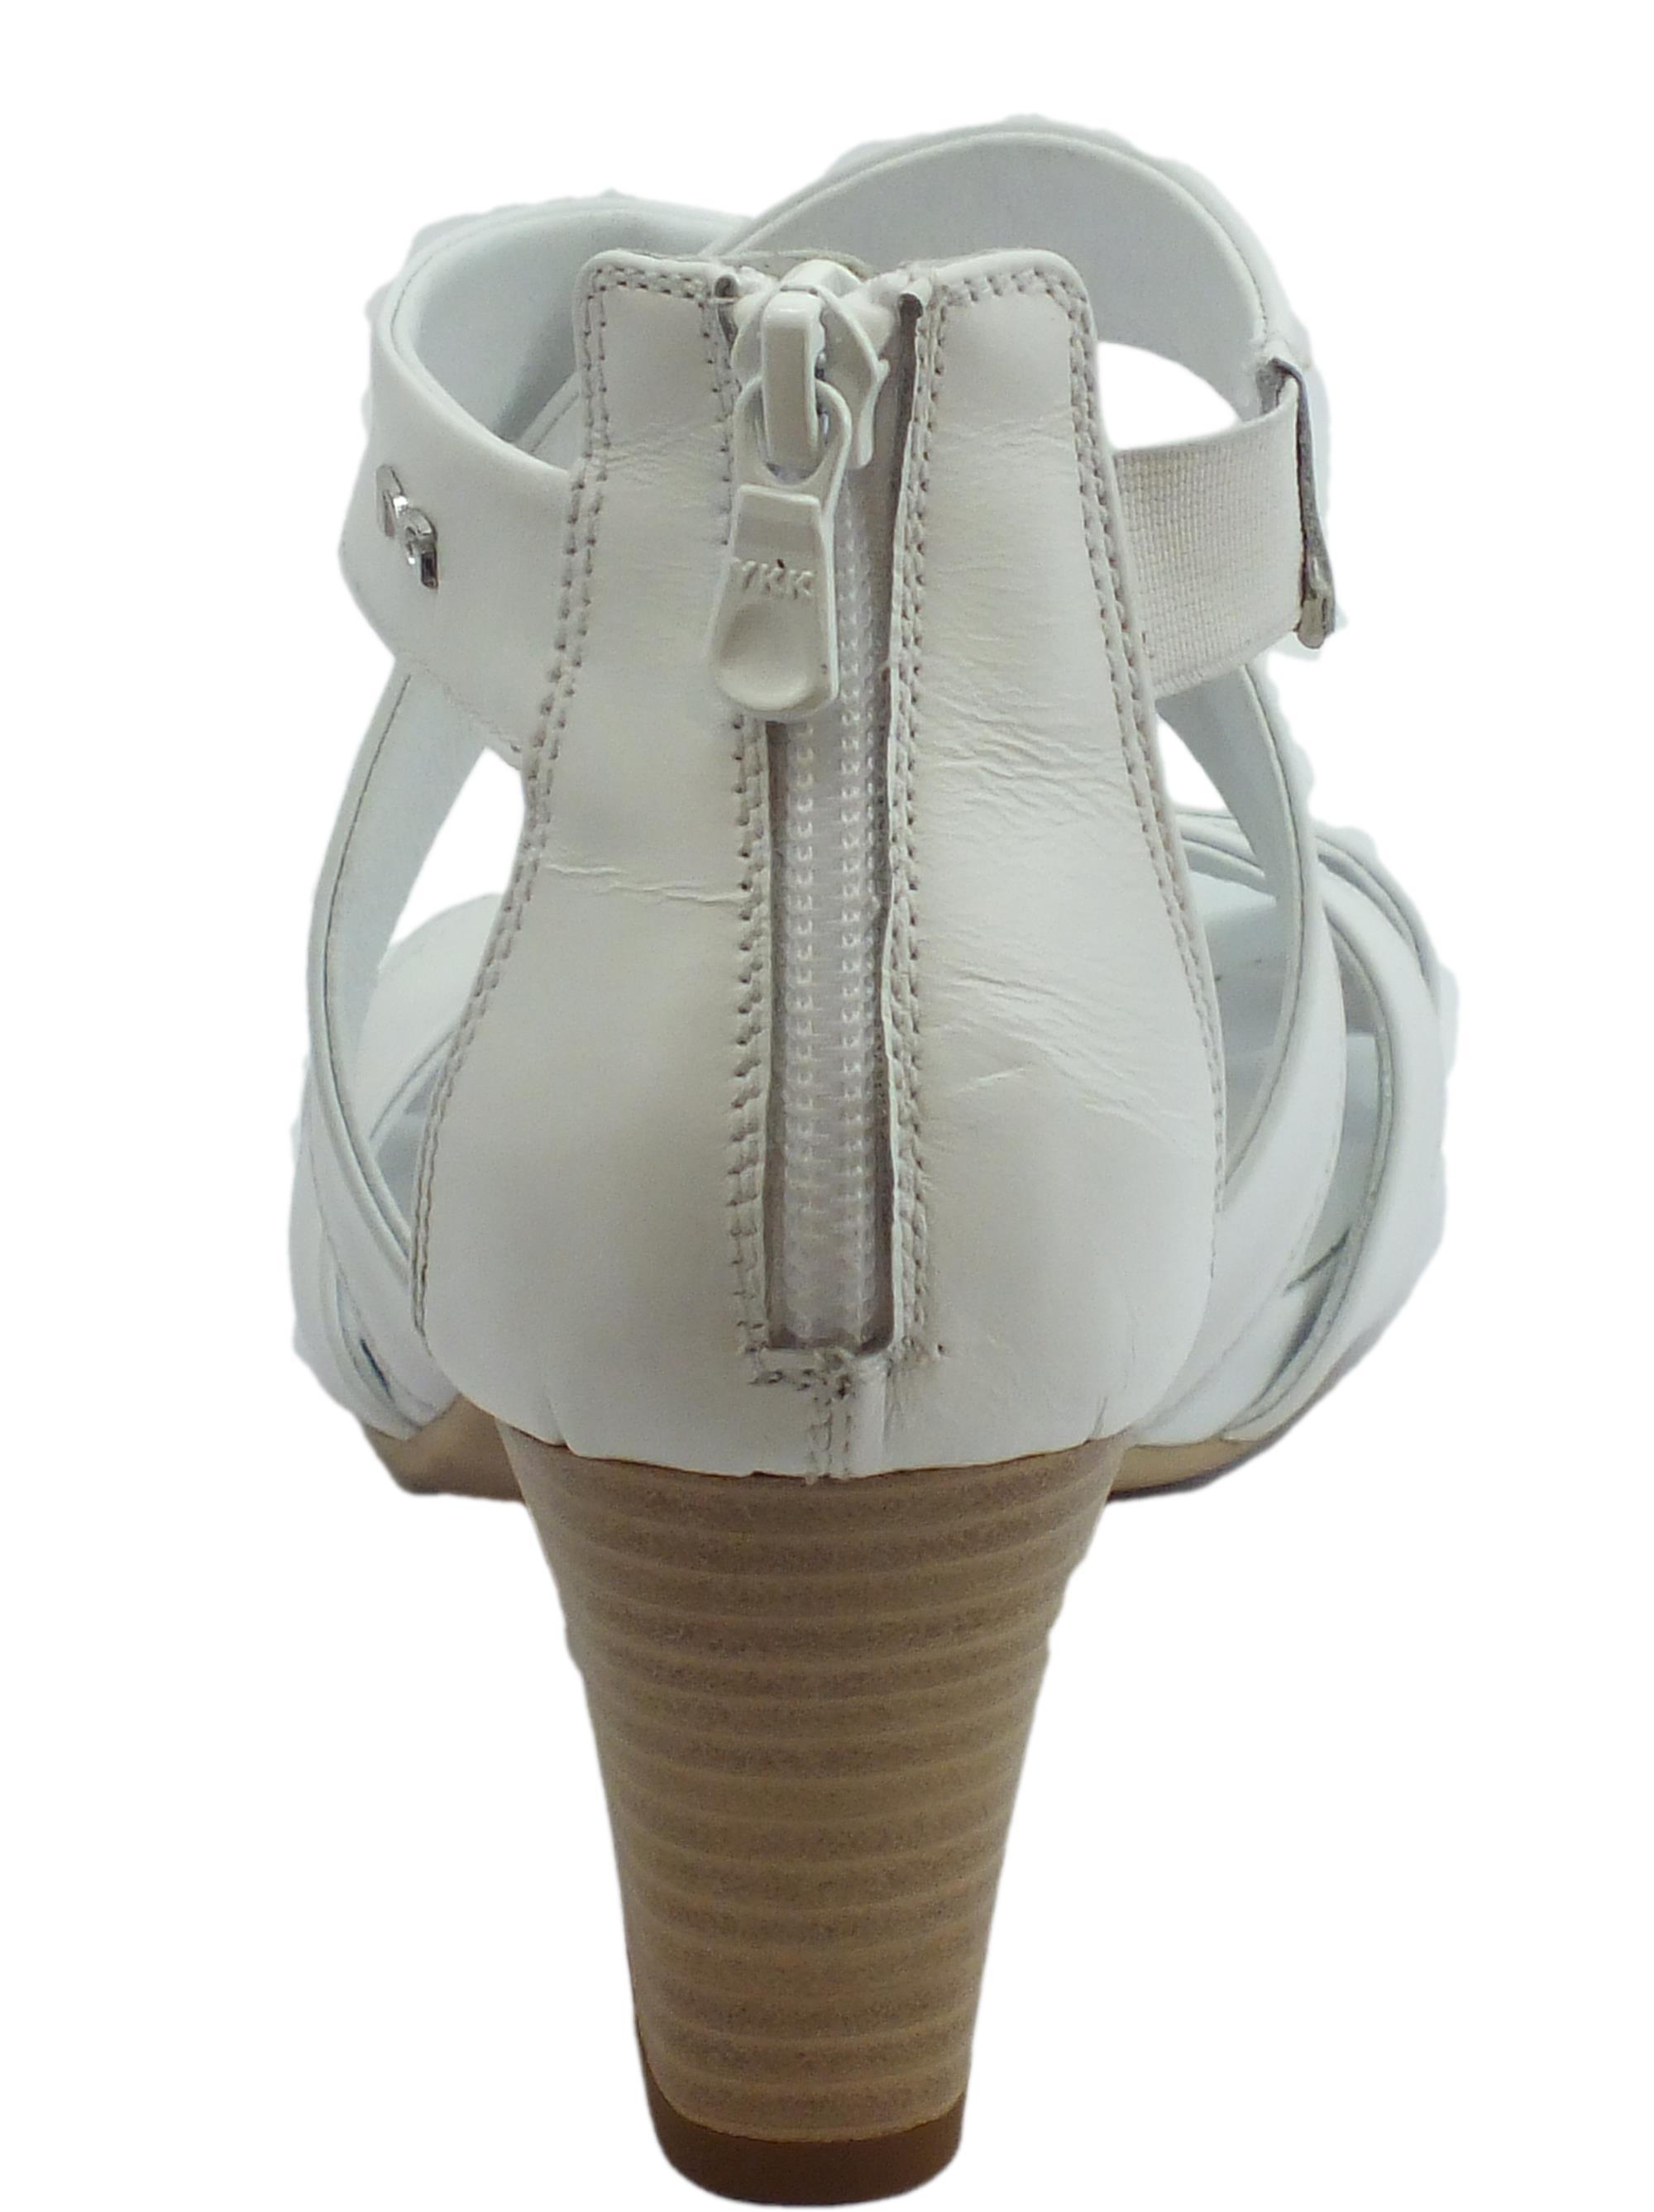 ... Sandali per donna NeroGiardini in pelle colore bianco lampo posteriore 46feb116163